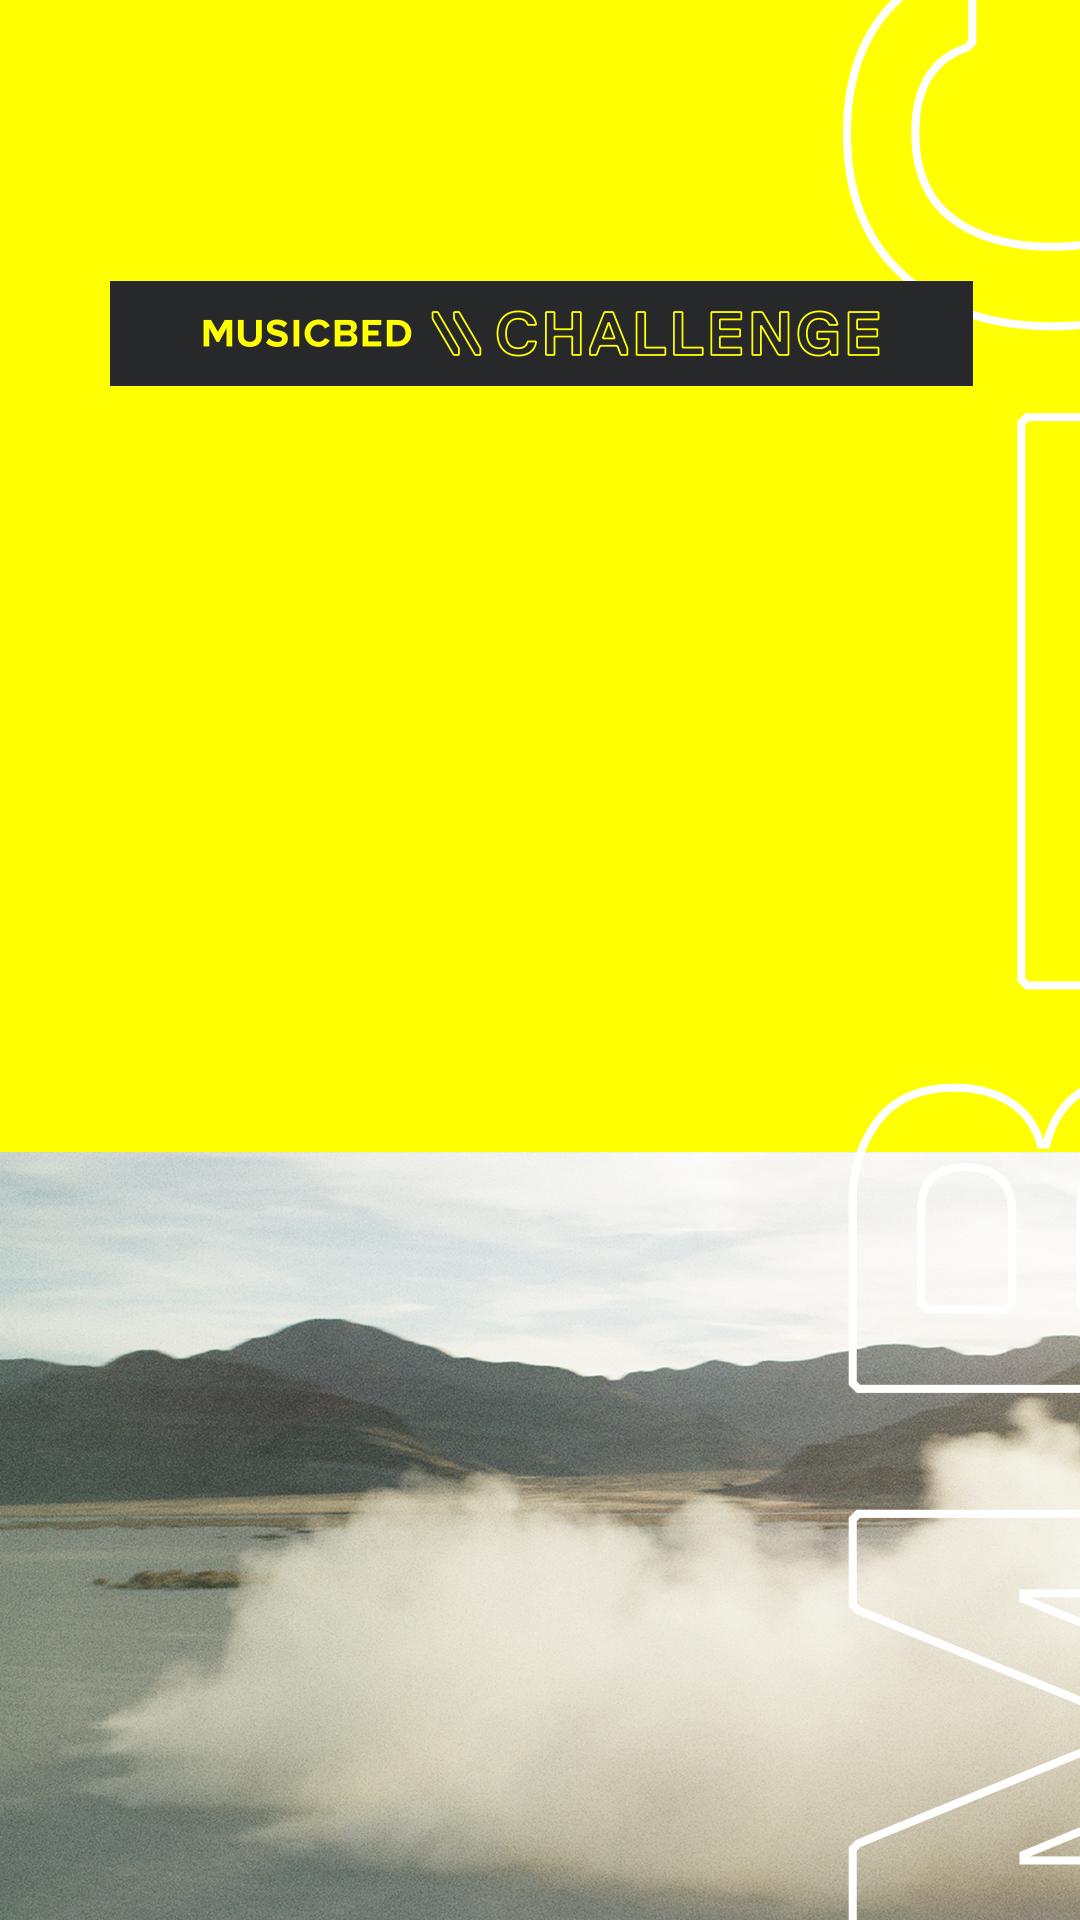 MusicbedChallenge-PressKit-IG-Stories-9.jpg